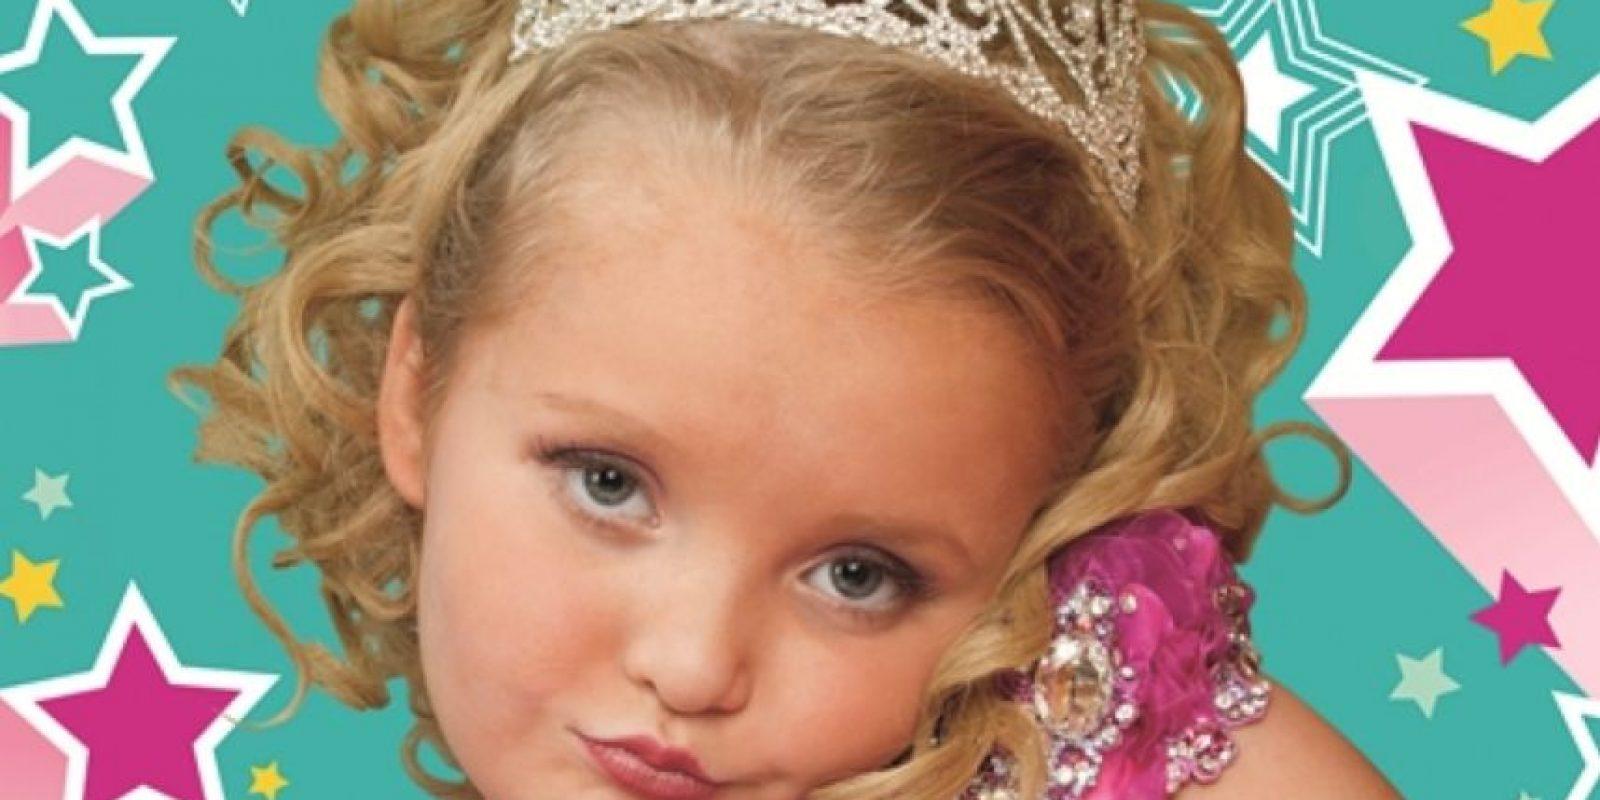 """Mini reinas de belleza y """"white trash"""". """"Honey Boo Boo"""", vivaracha aspirante a reina de belleza, era el alma del reality de su familia. Foto:vía TLC"""